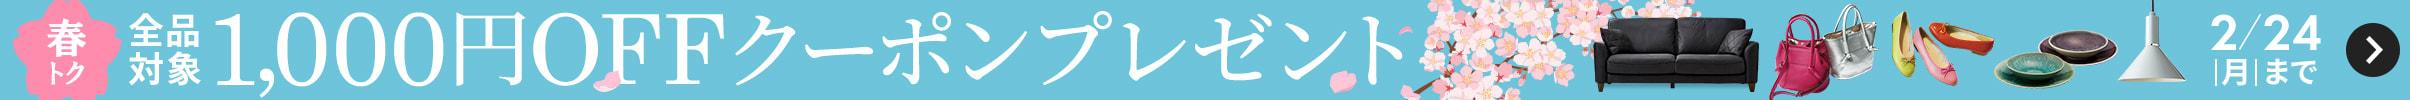 春トク1,000円クーポン